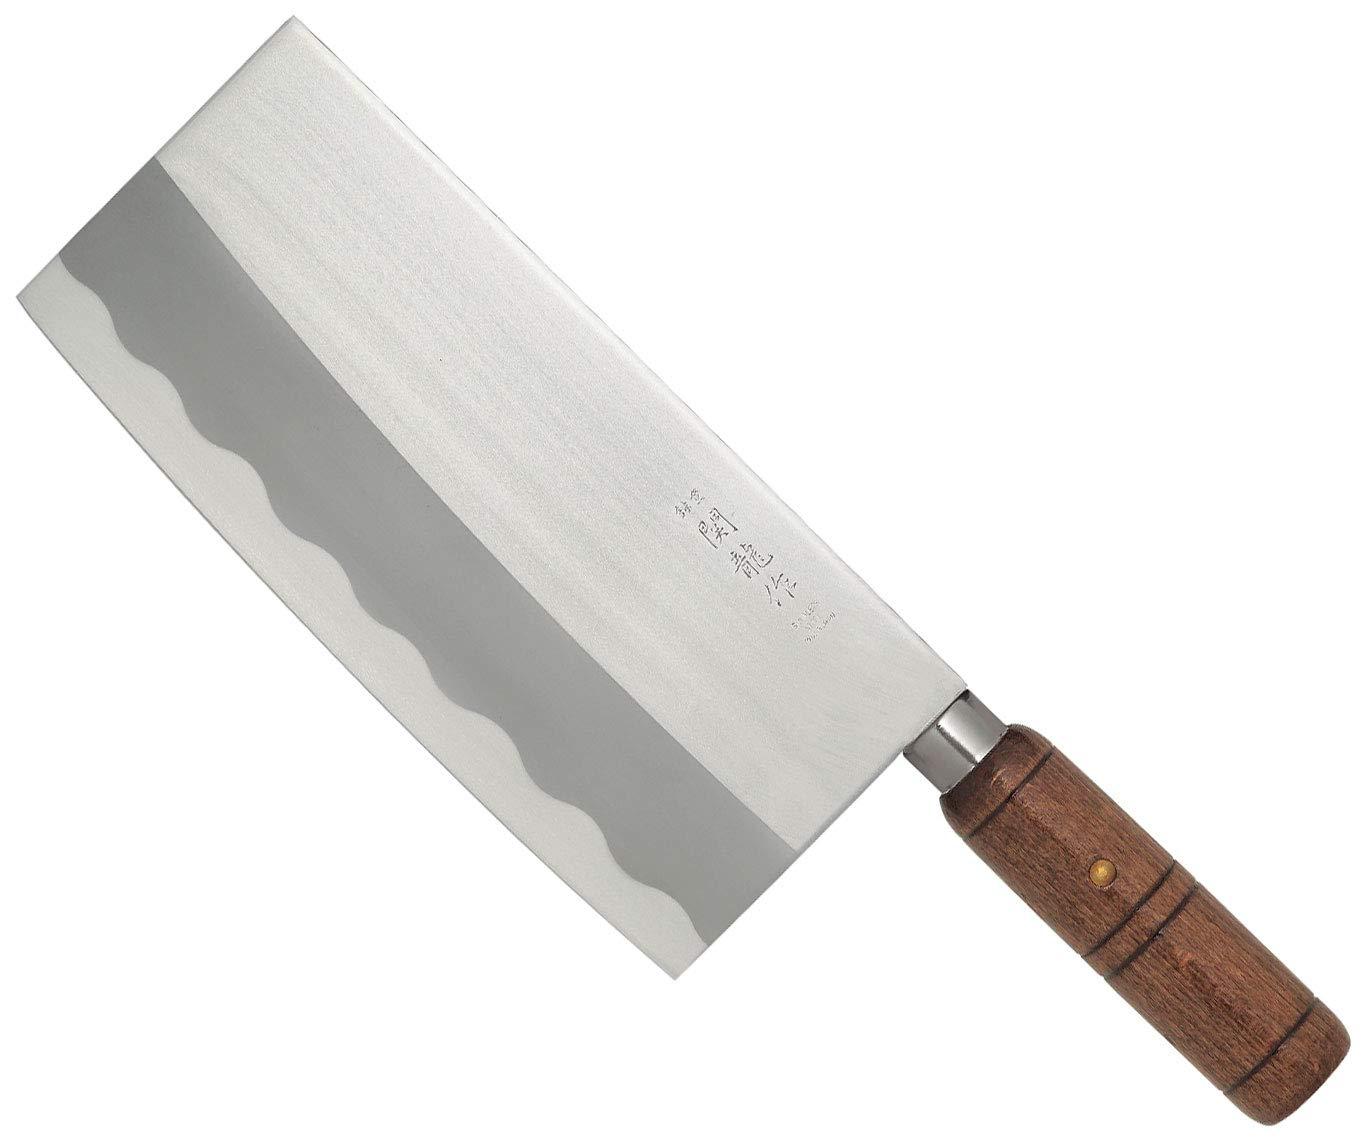 Image result for knife chop